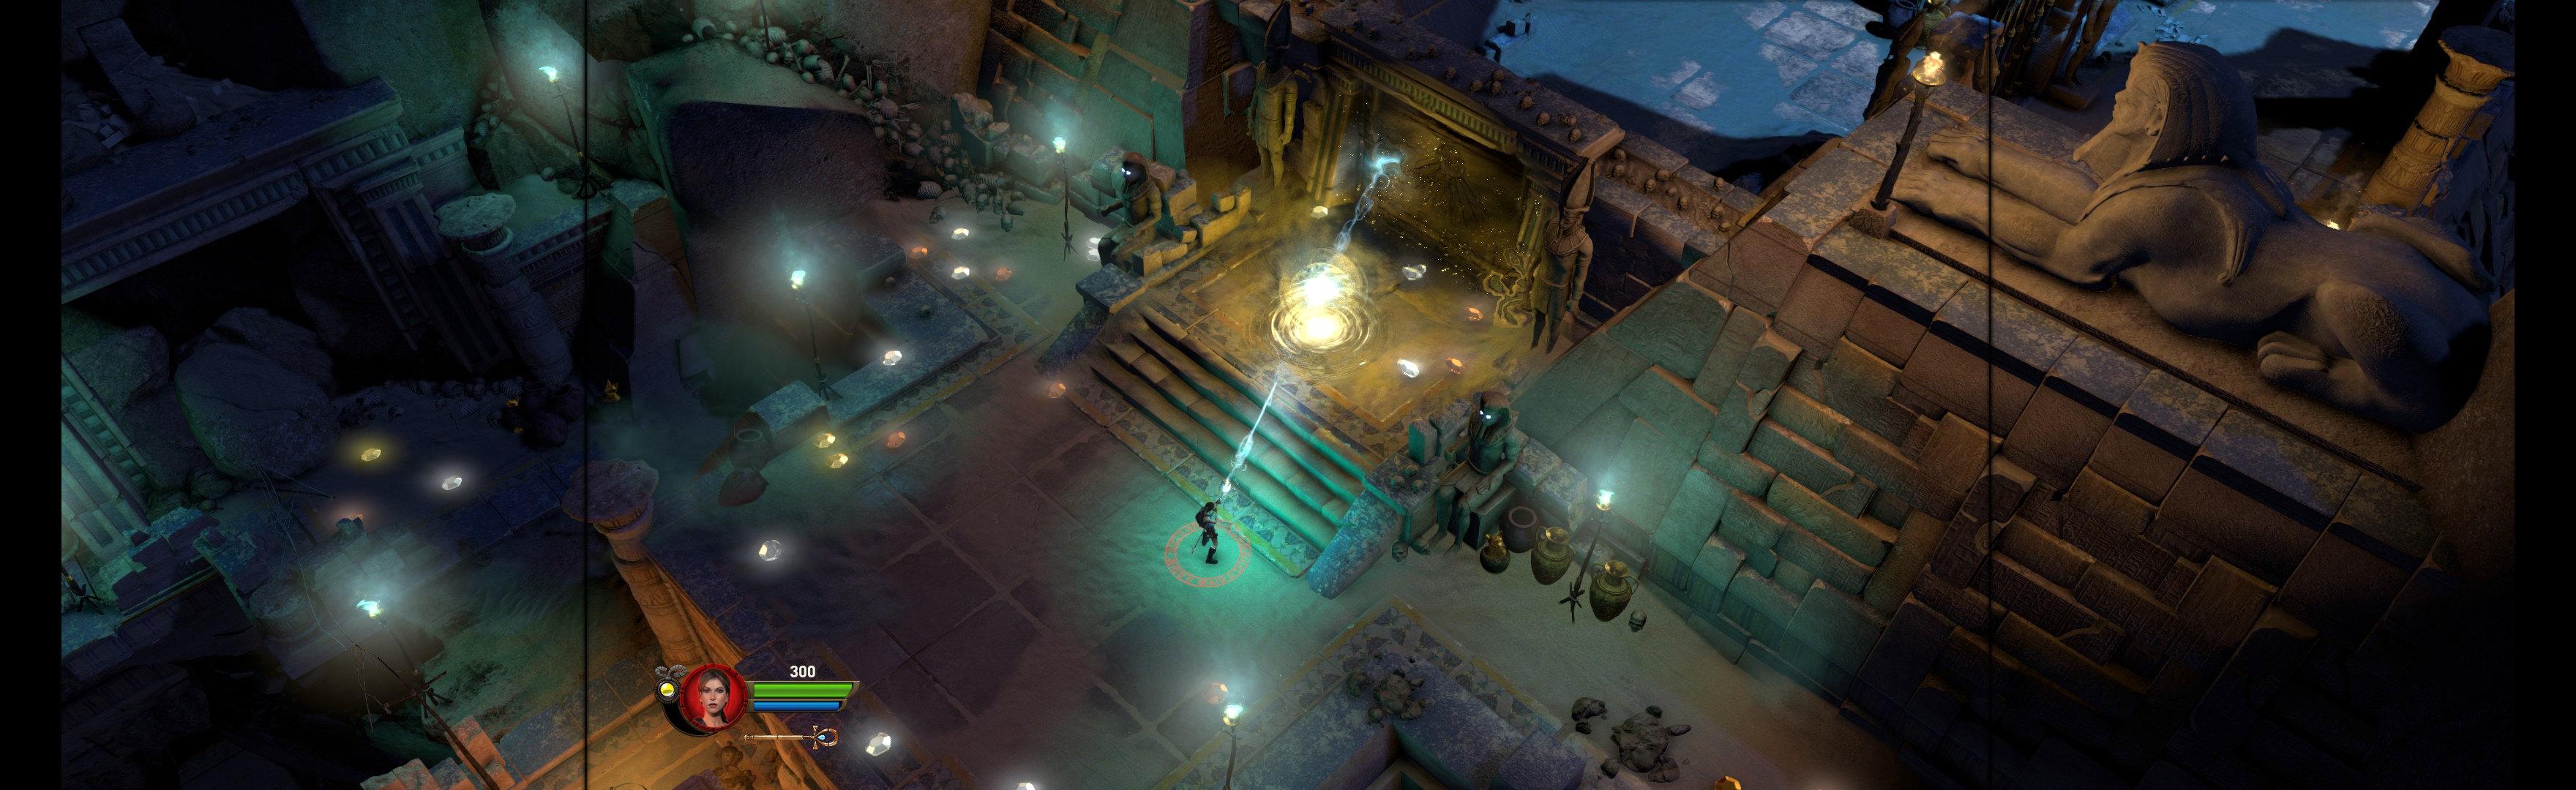 Lara Croft Temple Of Osiris 2014 Manual Plp Instructions